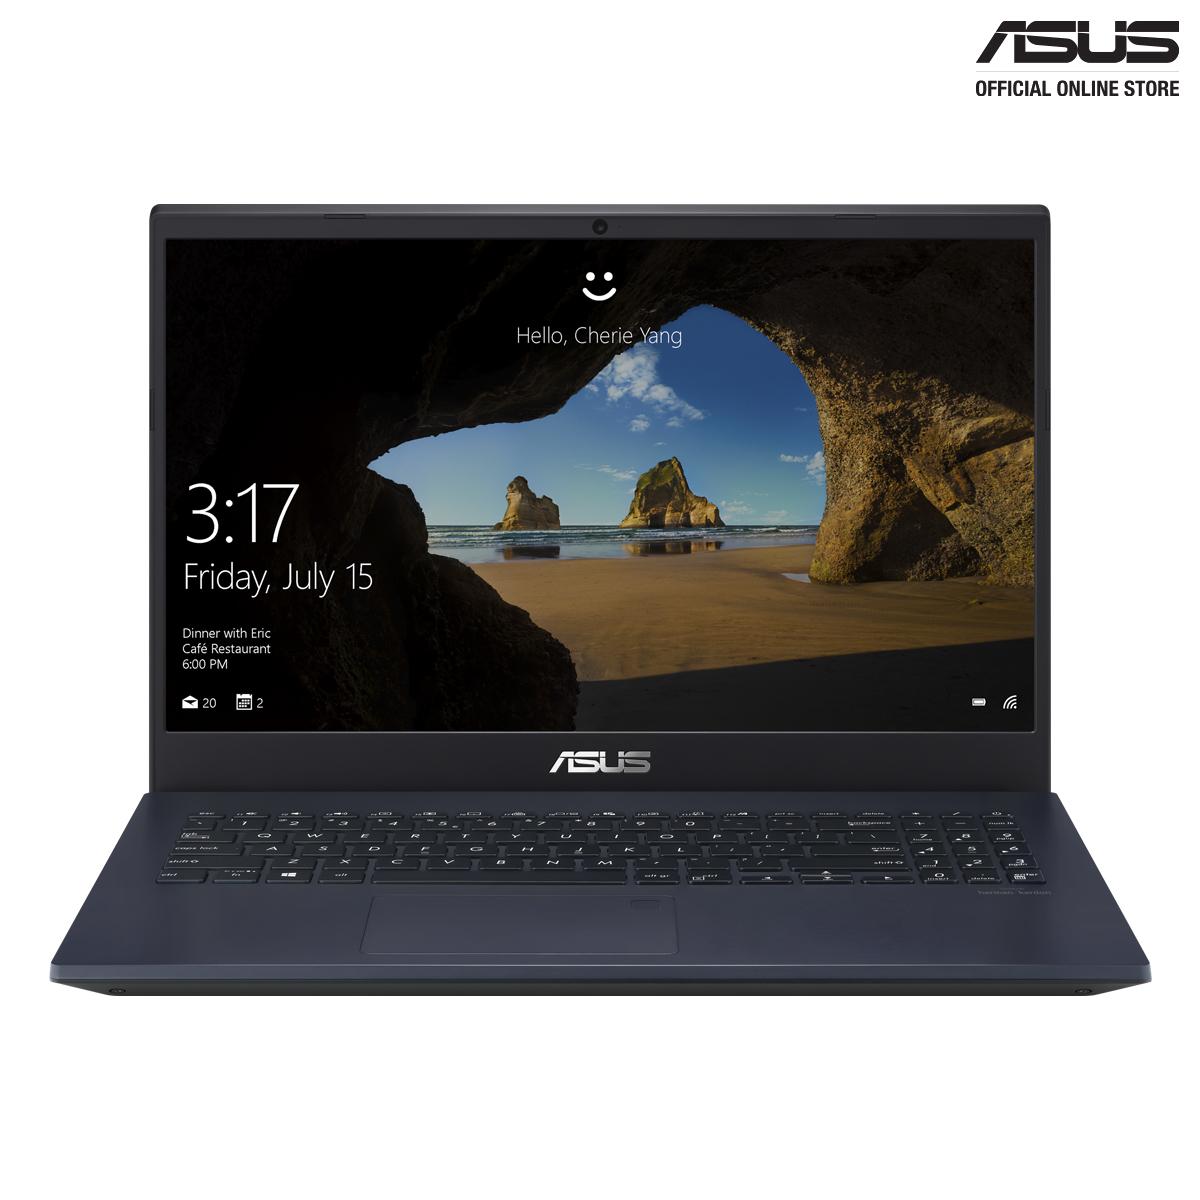 Asus F571GT-AL369T